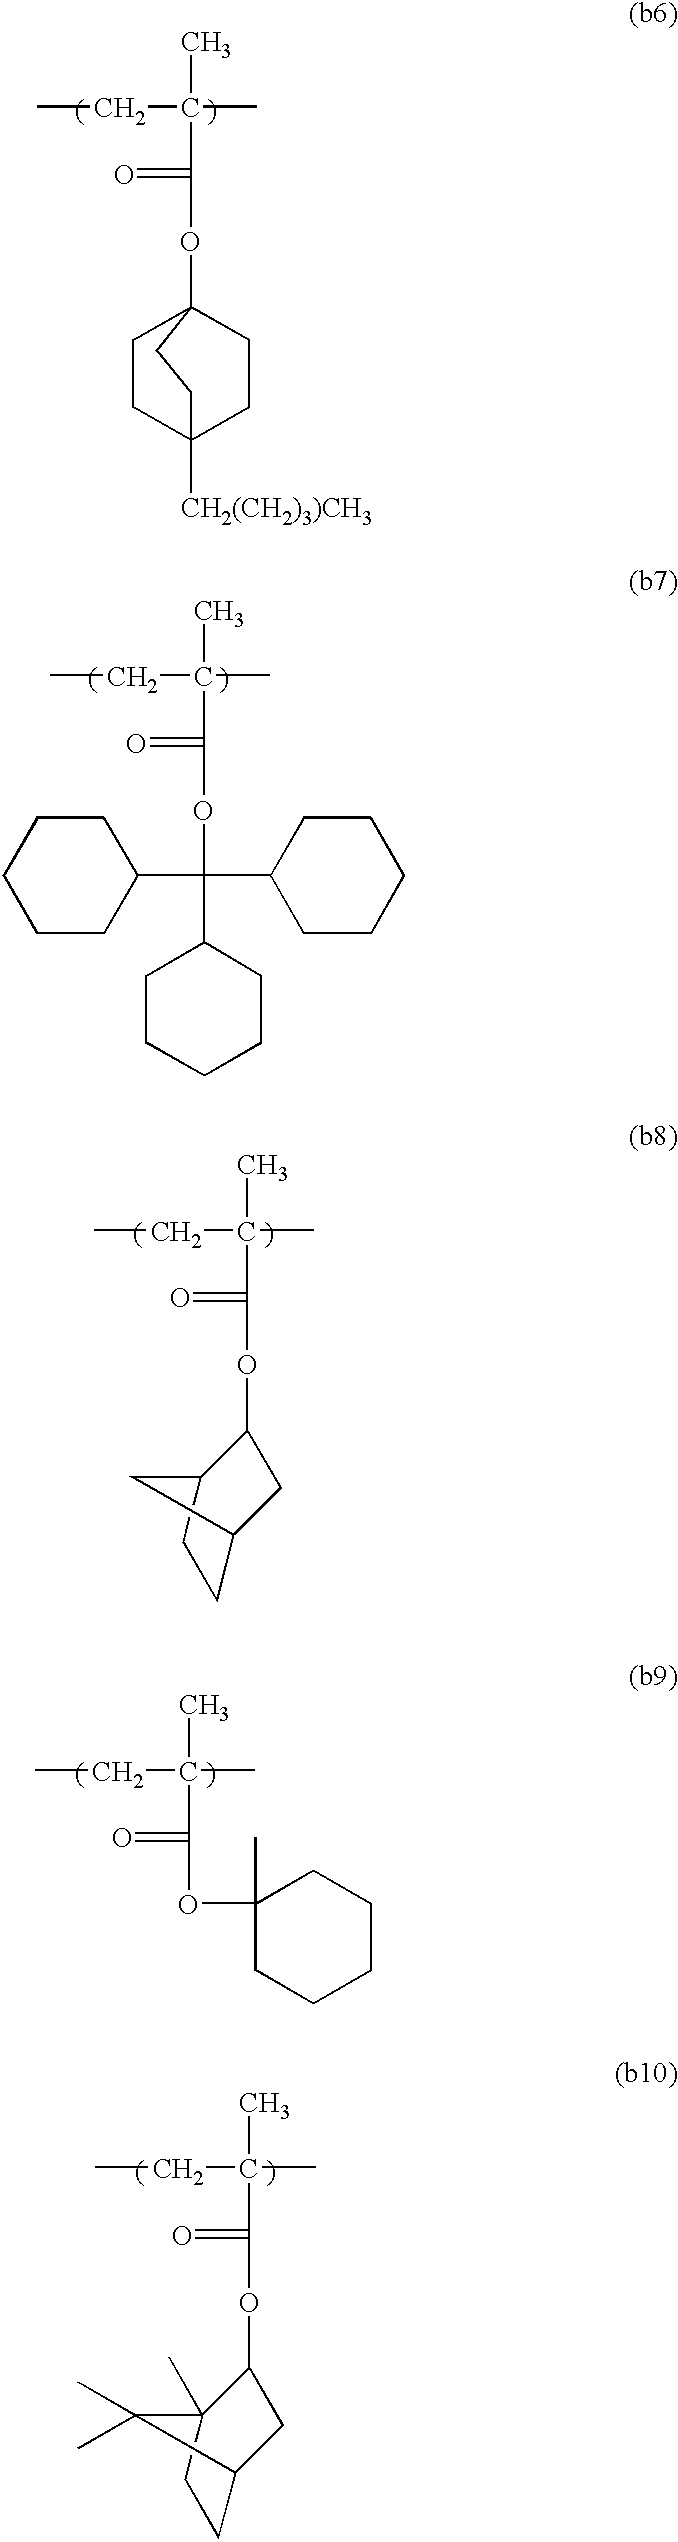 Figure US06492091-20021210-C00055